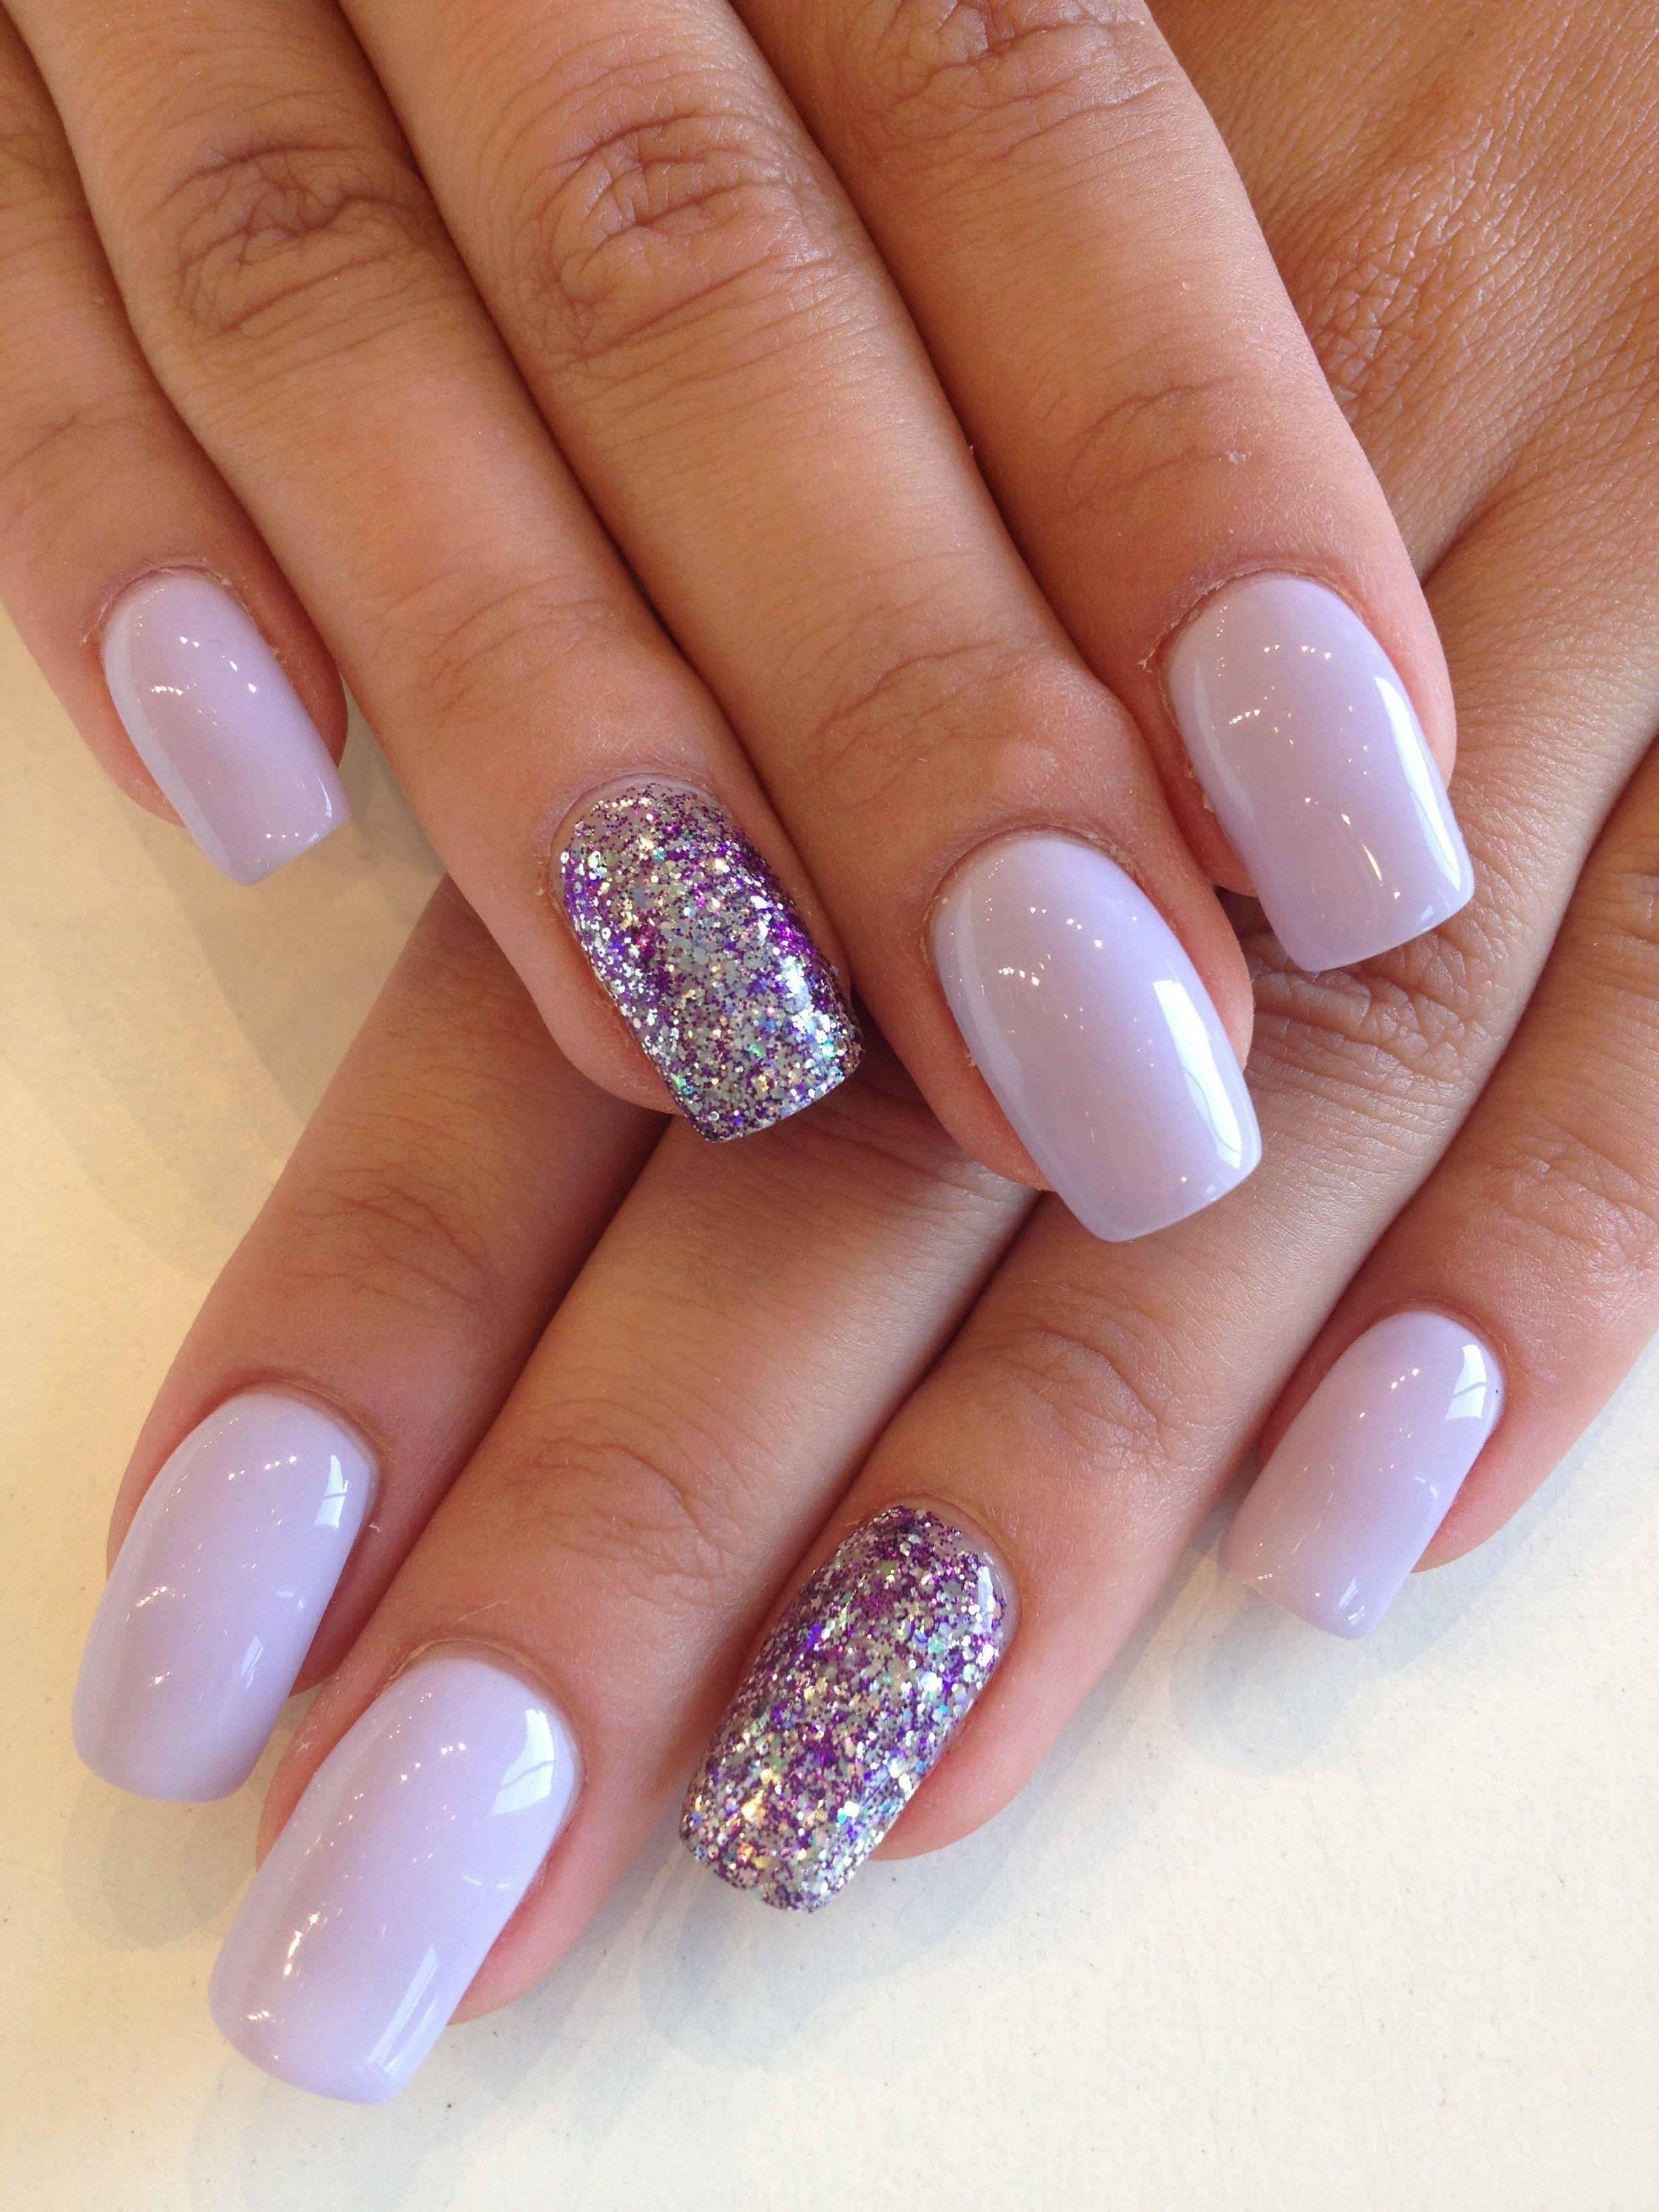 Com Opal Jelly Gel Nail Polish Set Saviland 6 Colour Soak Off Nail Varnish Set Nail Art Ma In 2020 Purple Nail Art Designs Metallic Nail Art Lilac Nails